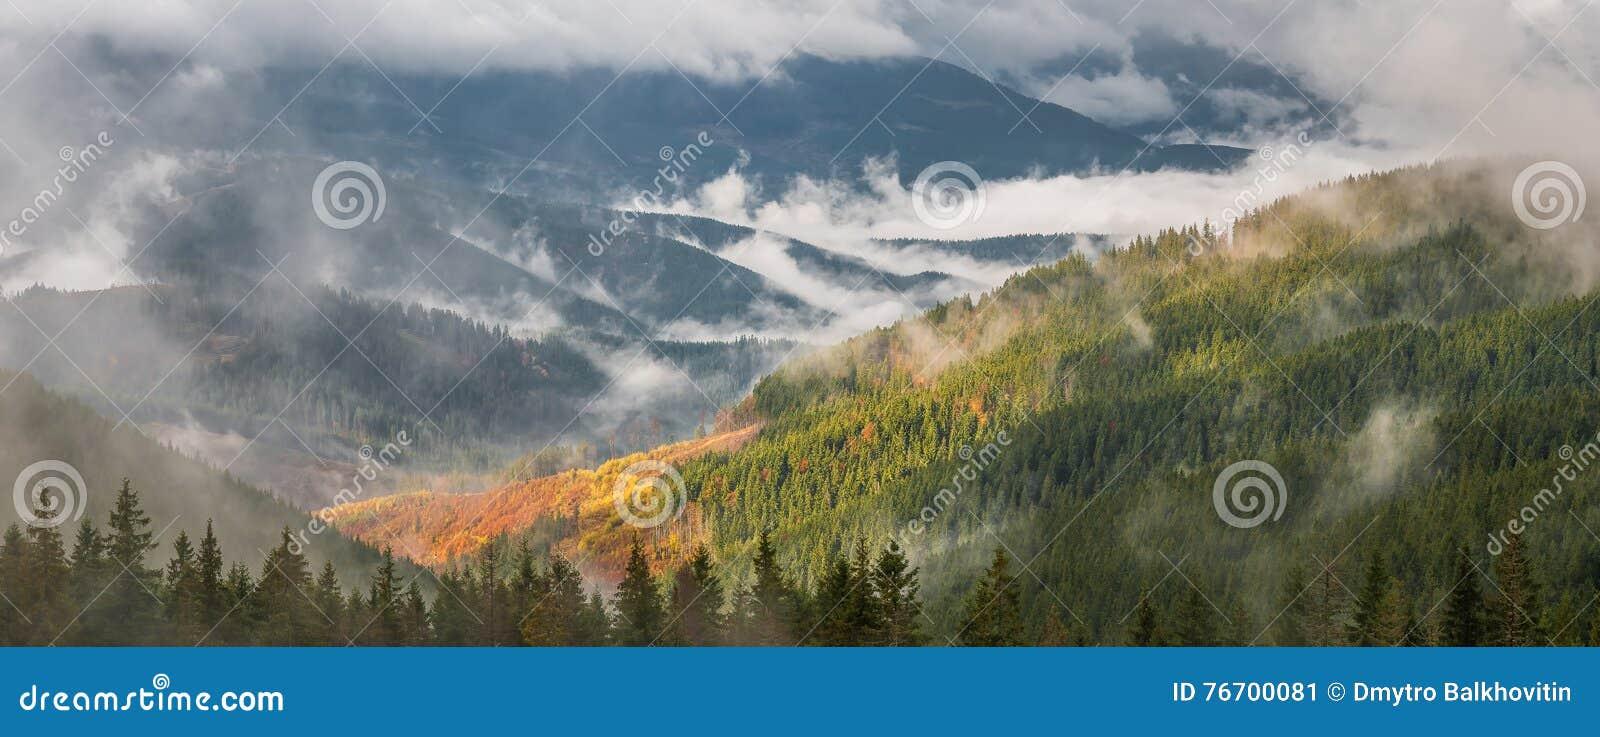 Panorama med skogen och moln